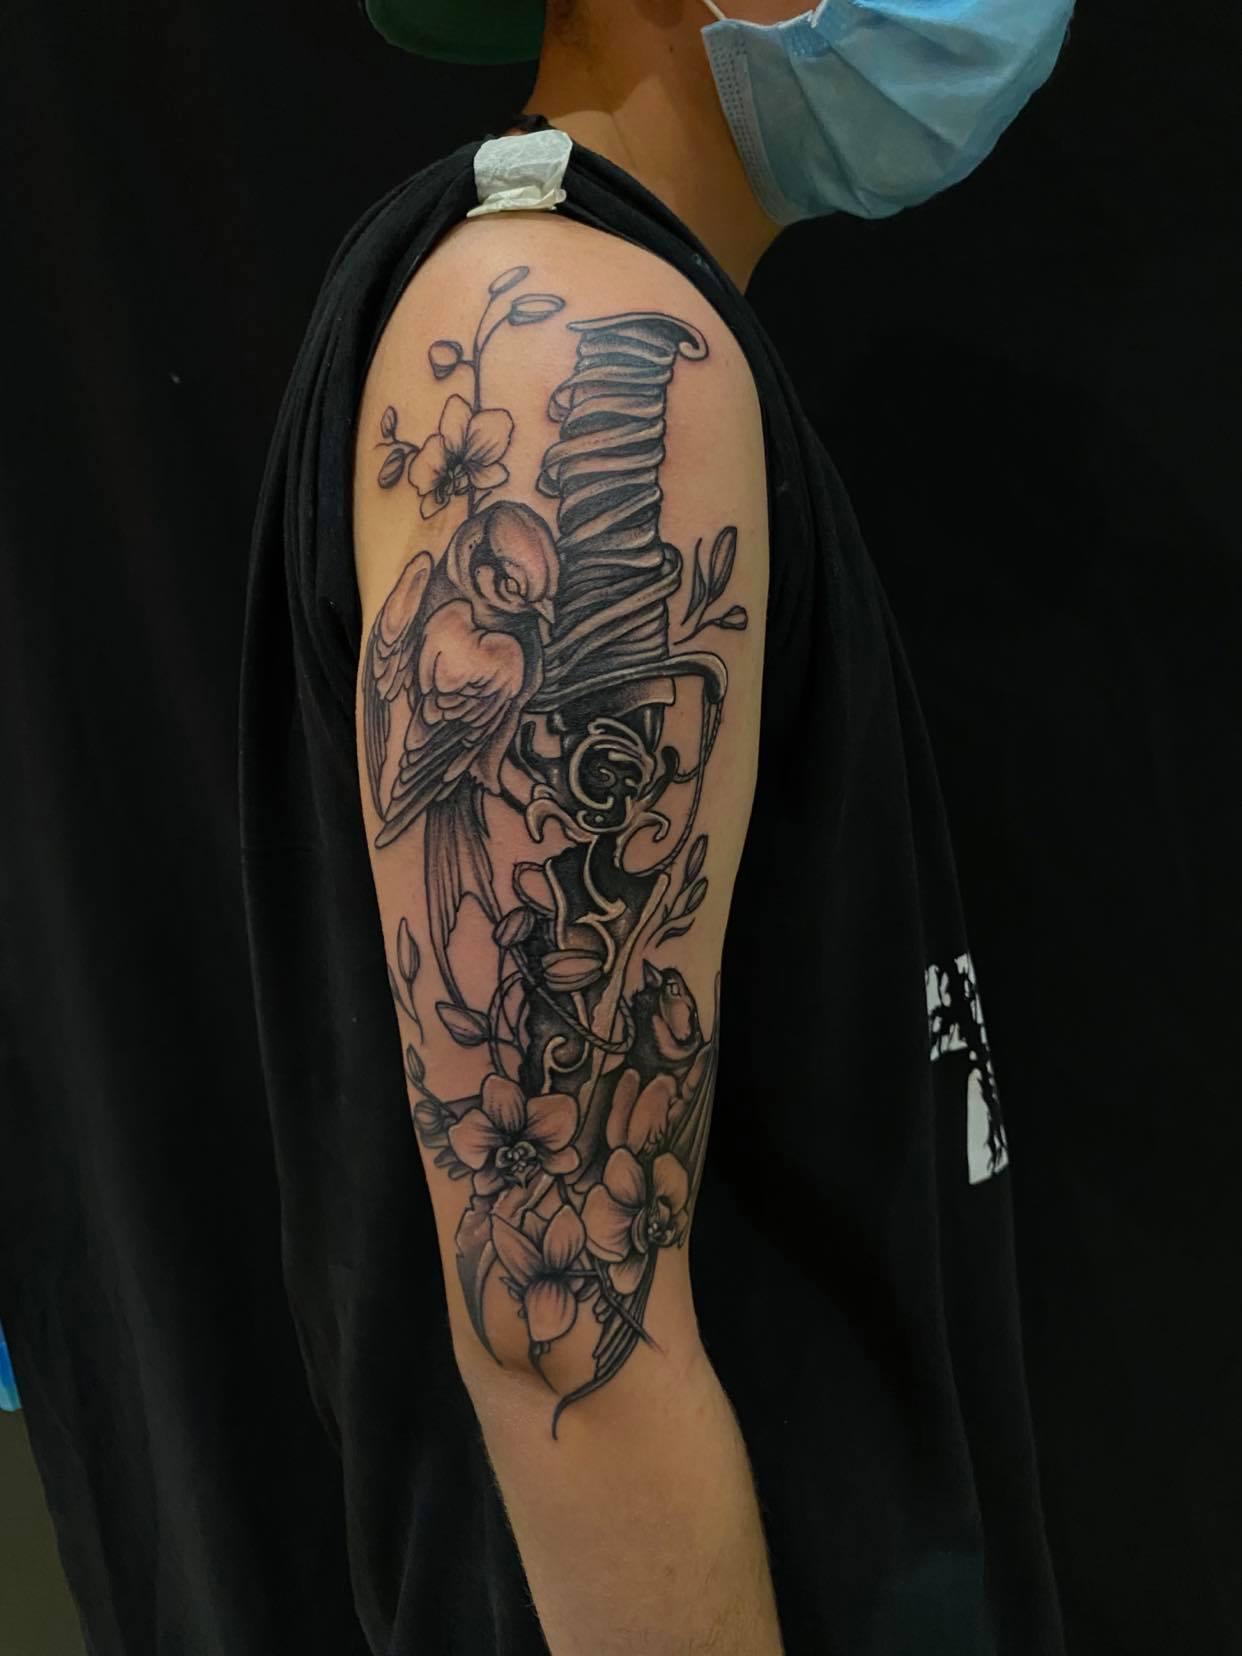 Tattoo Anansi München Artist David bird Vogel dagger Dolch Flowers Blumen